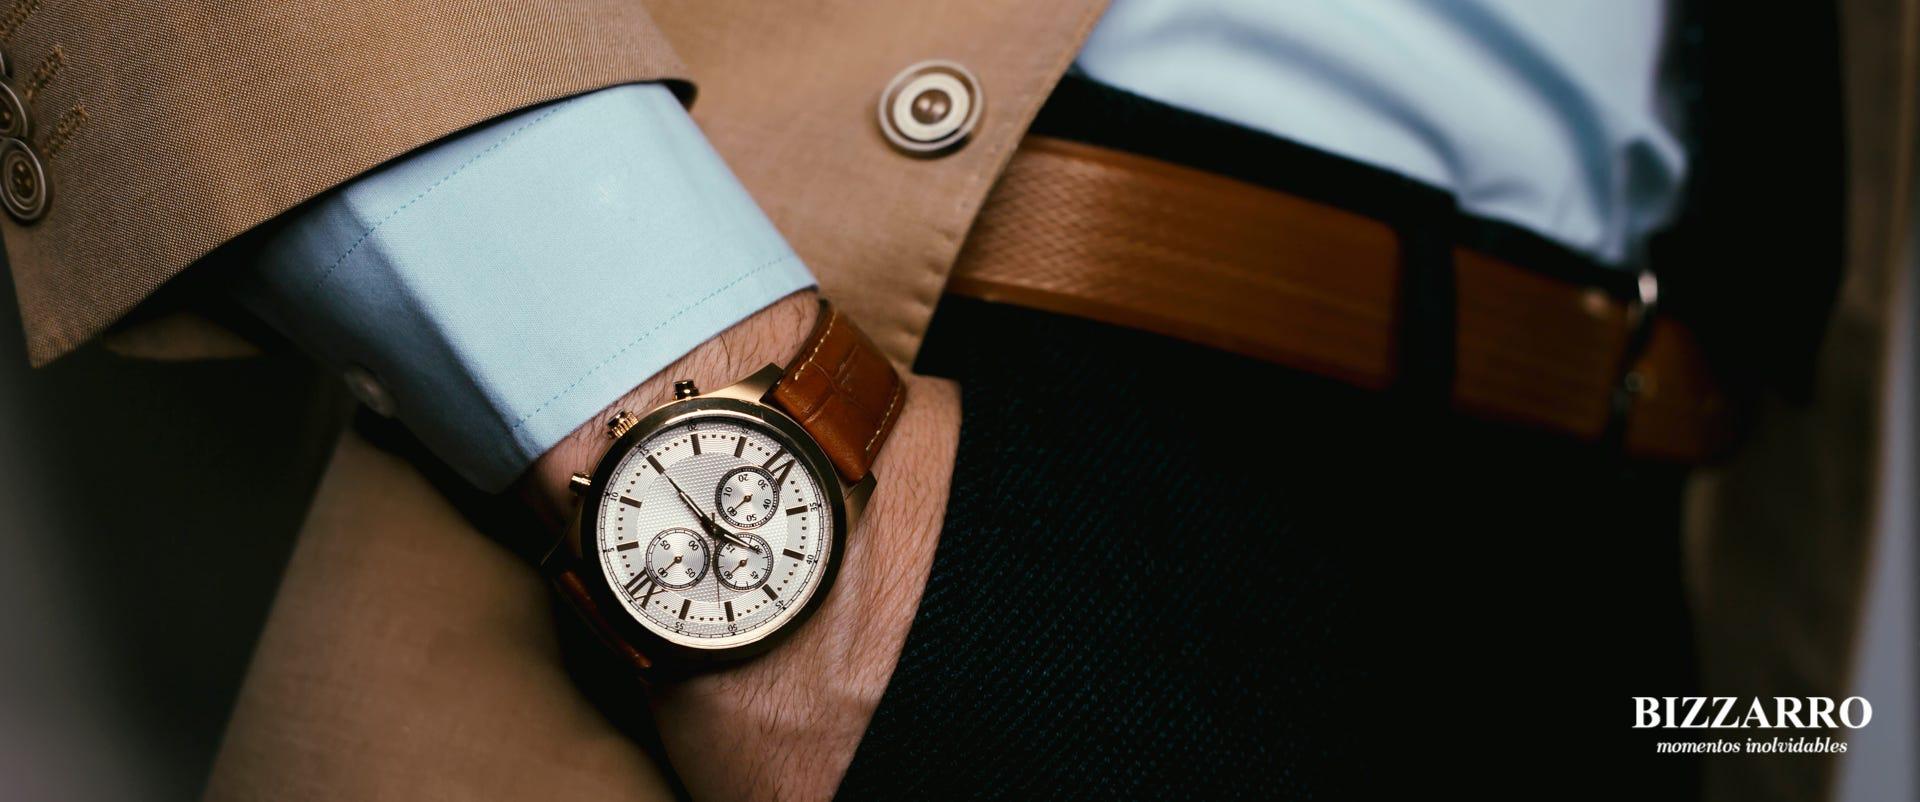 Cuidados esenciales de un reloj